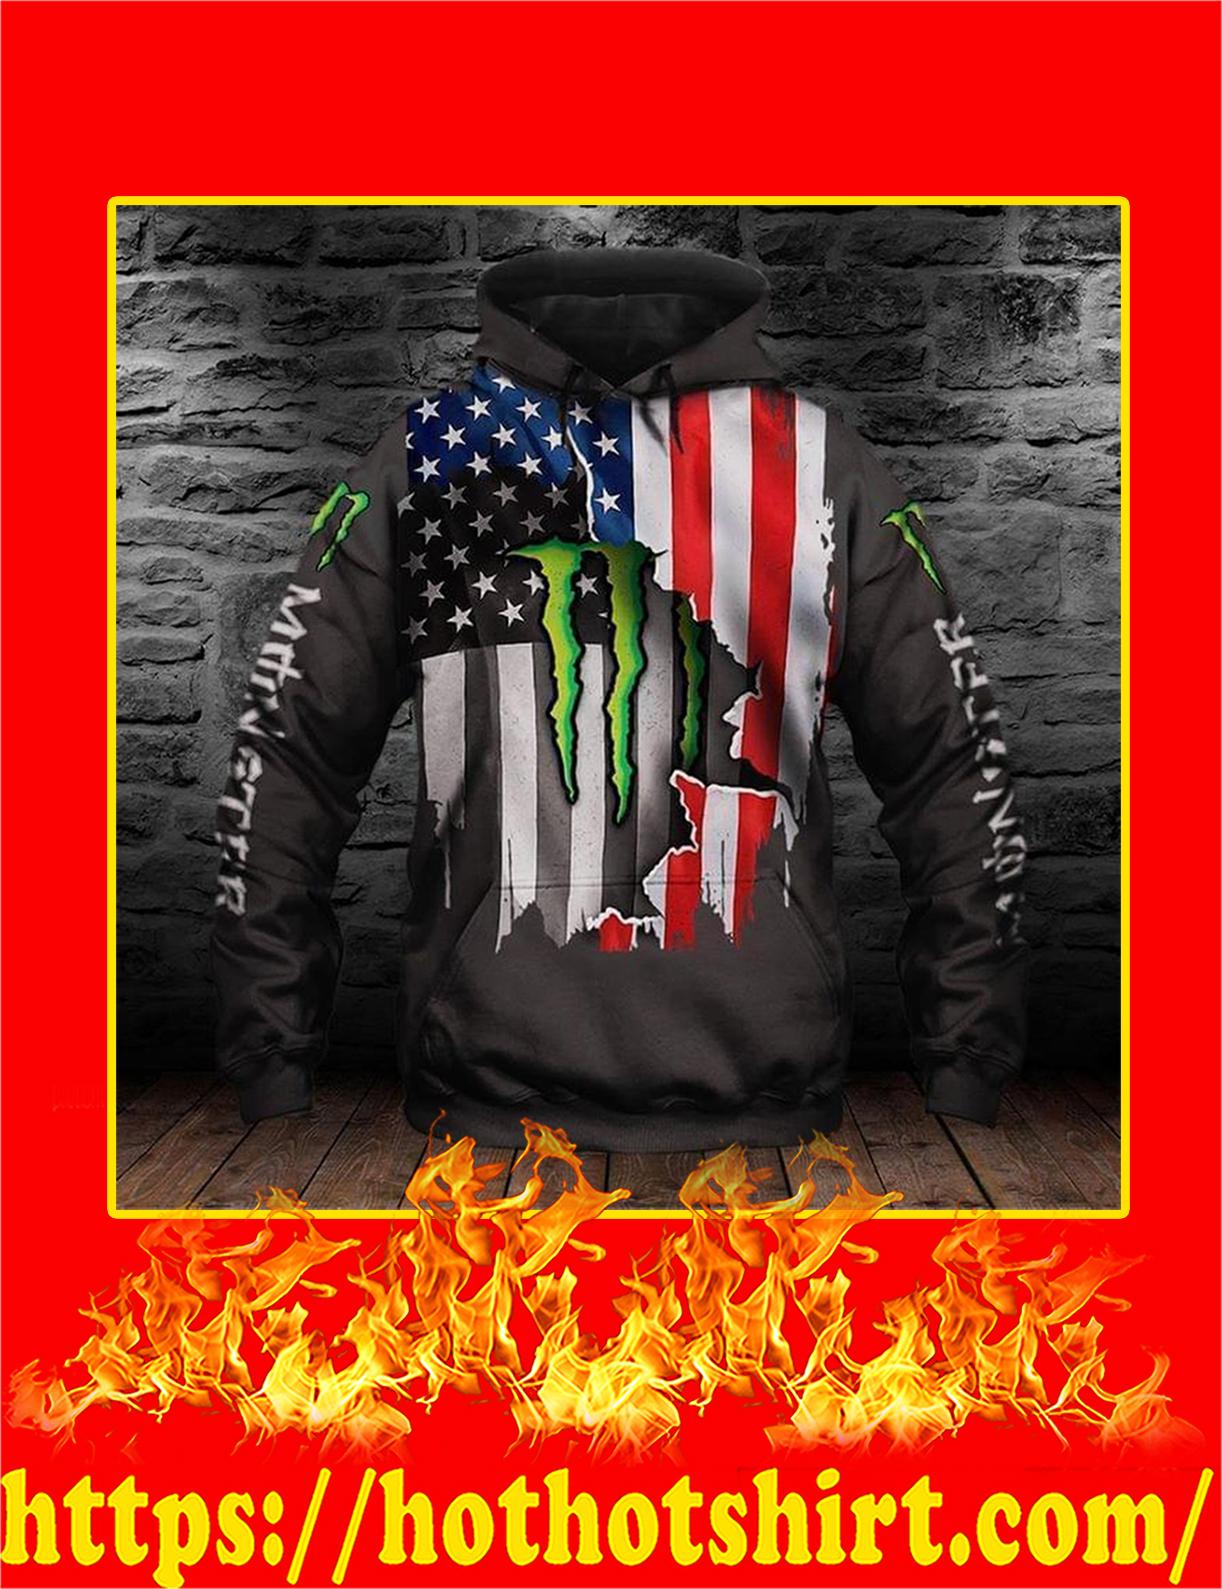 Monster Energy American Flag 3d Printed Hoodie - XL